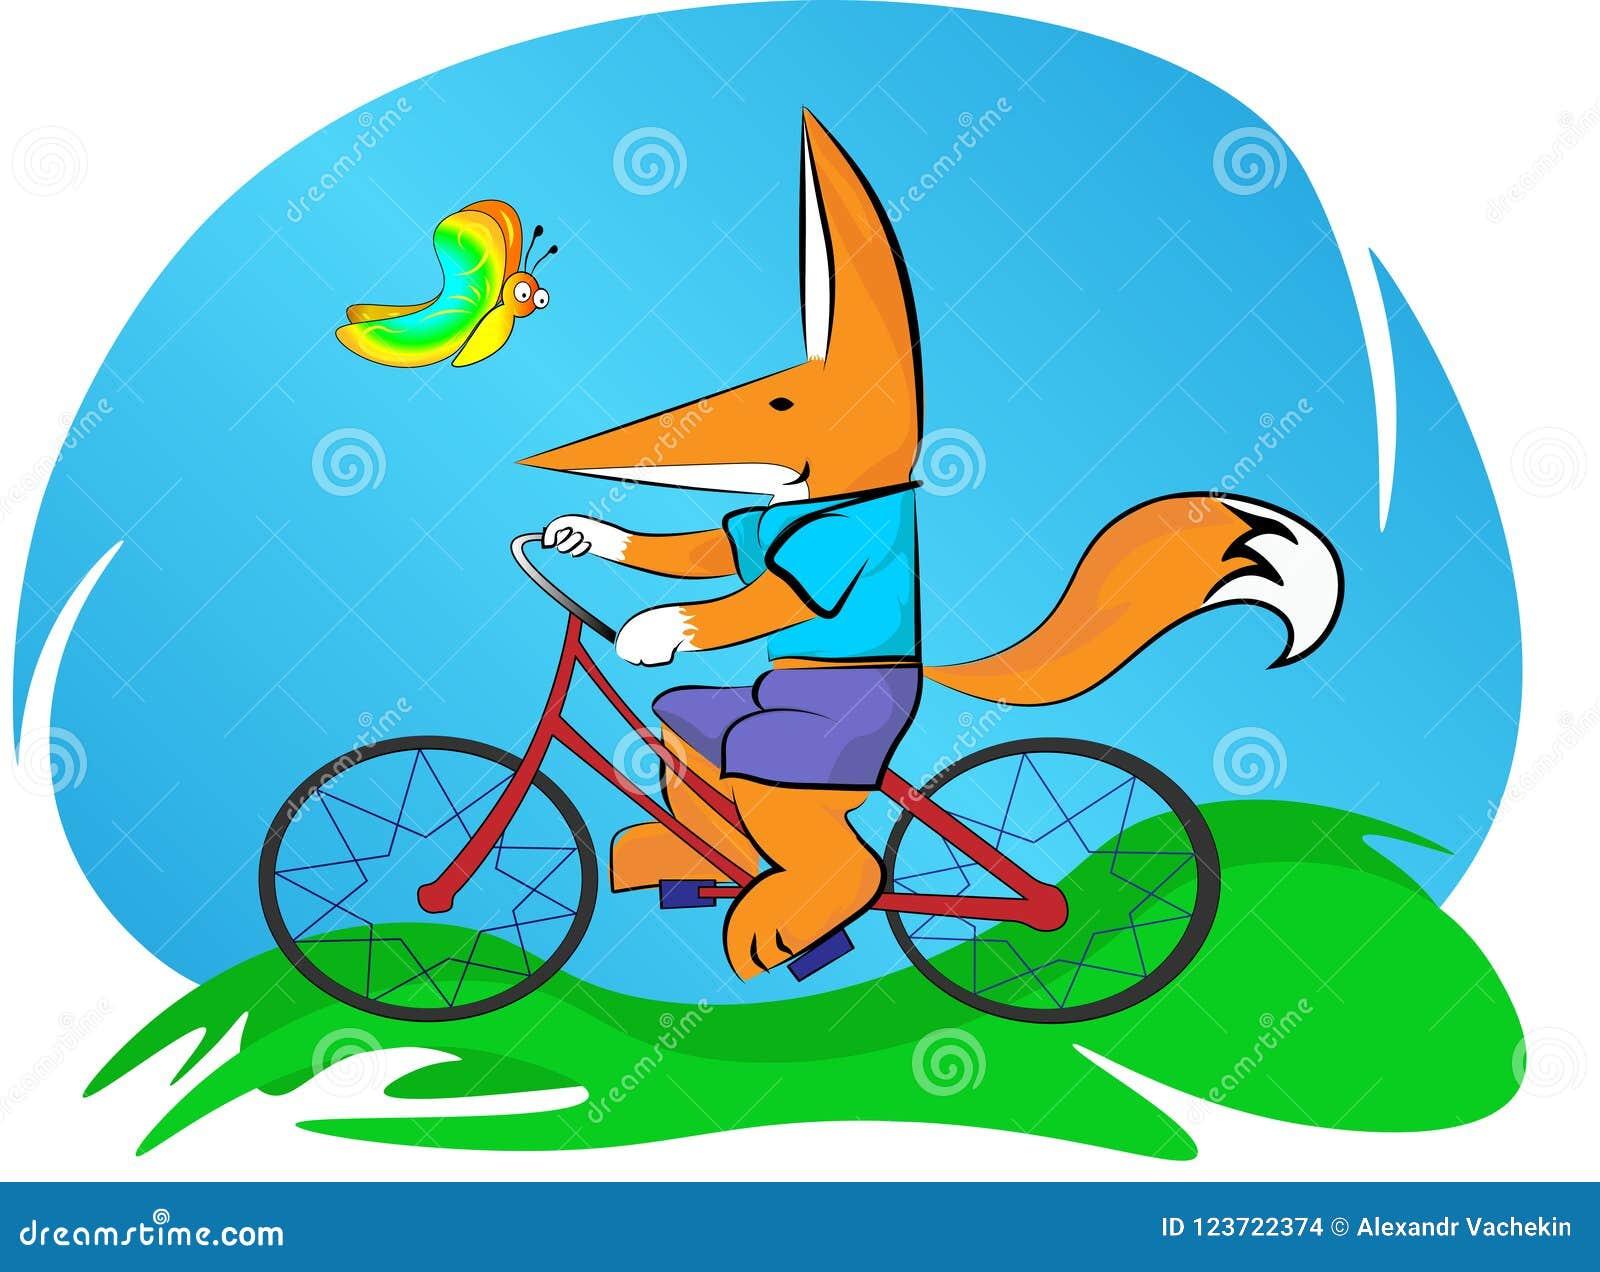 Lilla flickan rider en cykel, i den nya luften bredvid en härlig fjäril flyger